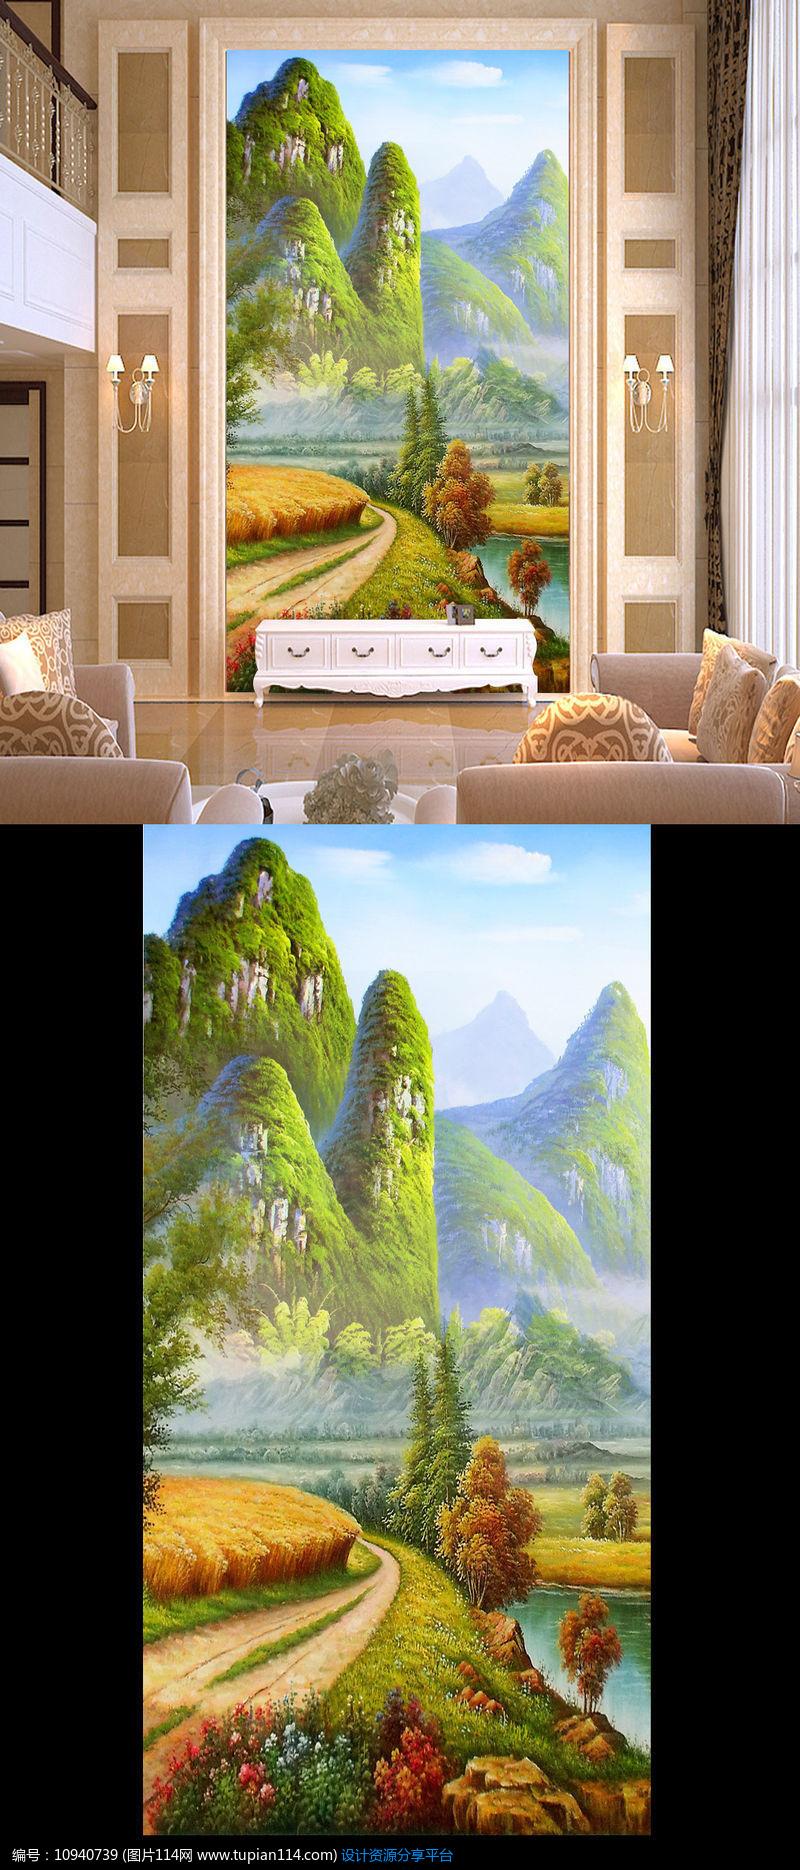 [原创] 油画山水画风景画玄关壁画